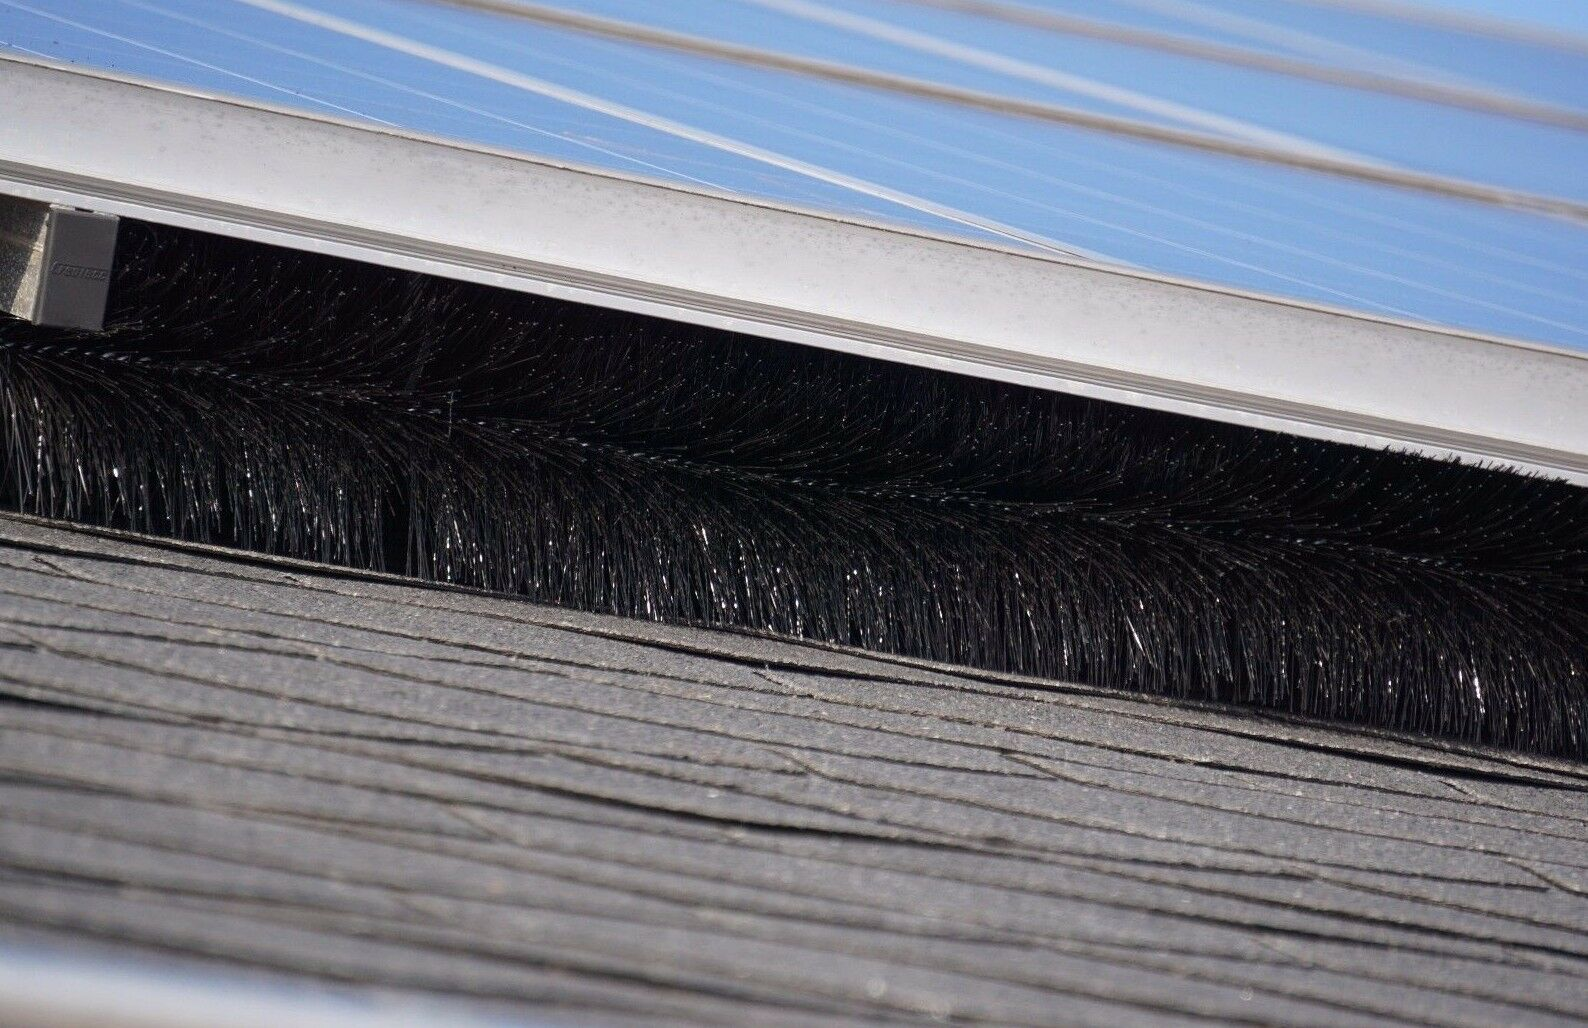 30 Meter Photovoltaikschutz Ø 12 cm, Marderschutz, Photovoltaik Reinigung Bürste